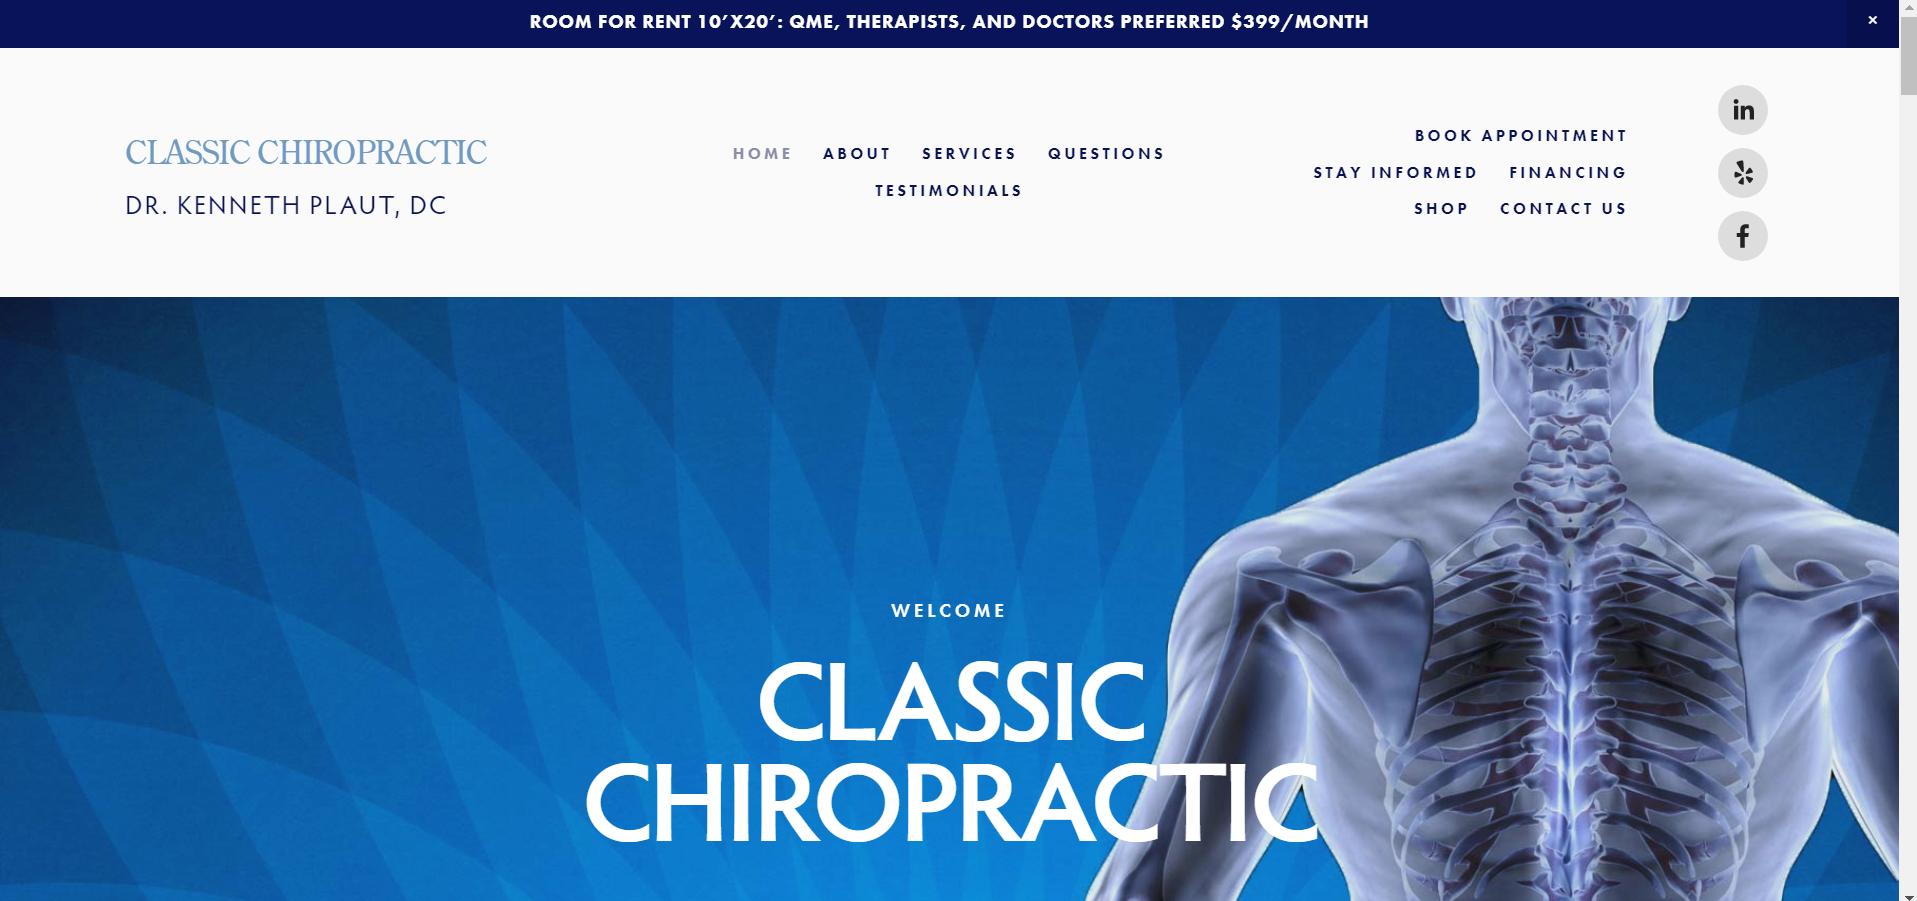 Classic Chiropractic - Healthcare Website